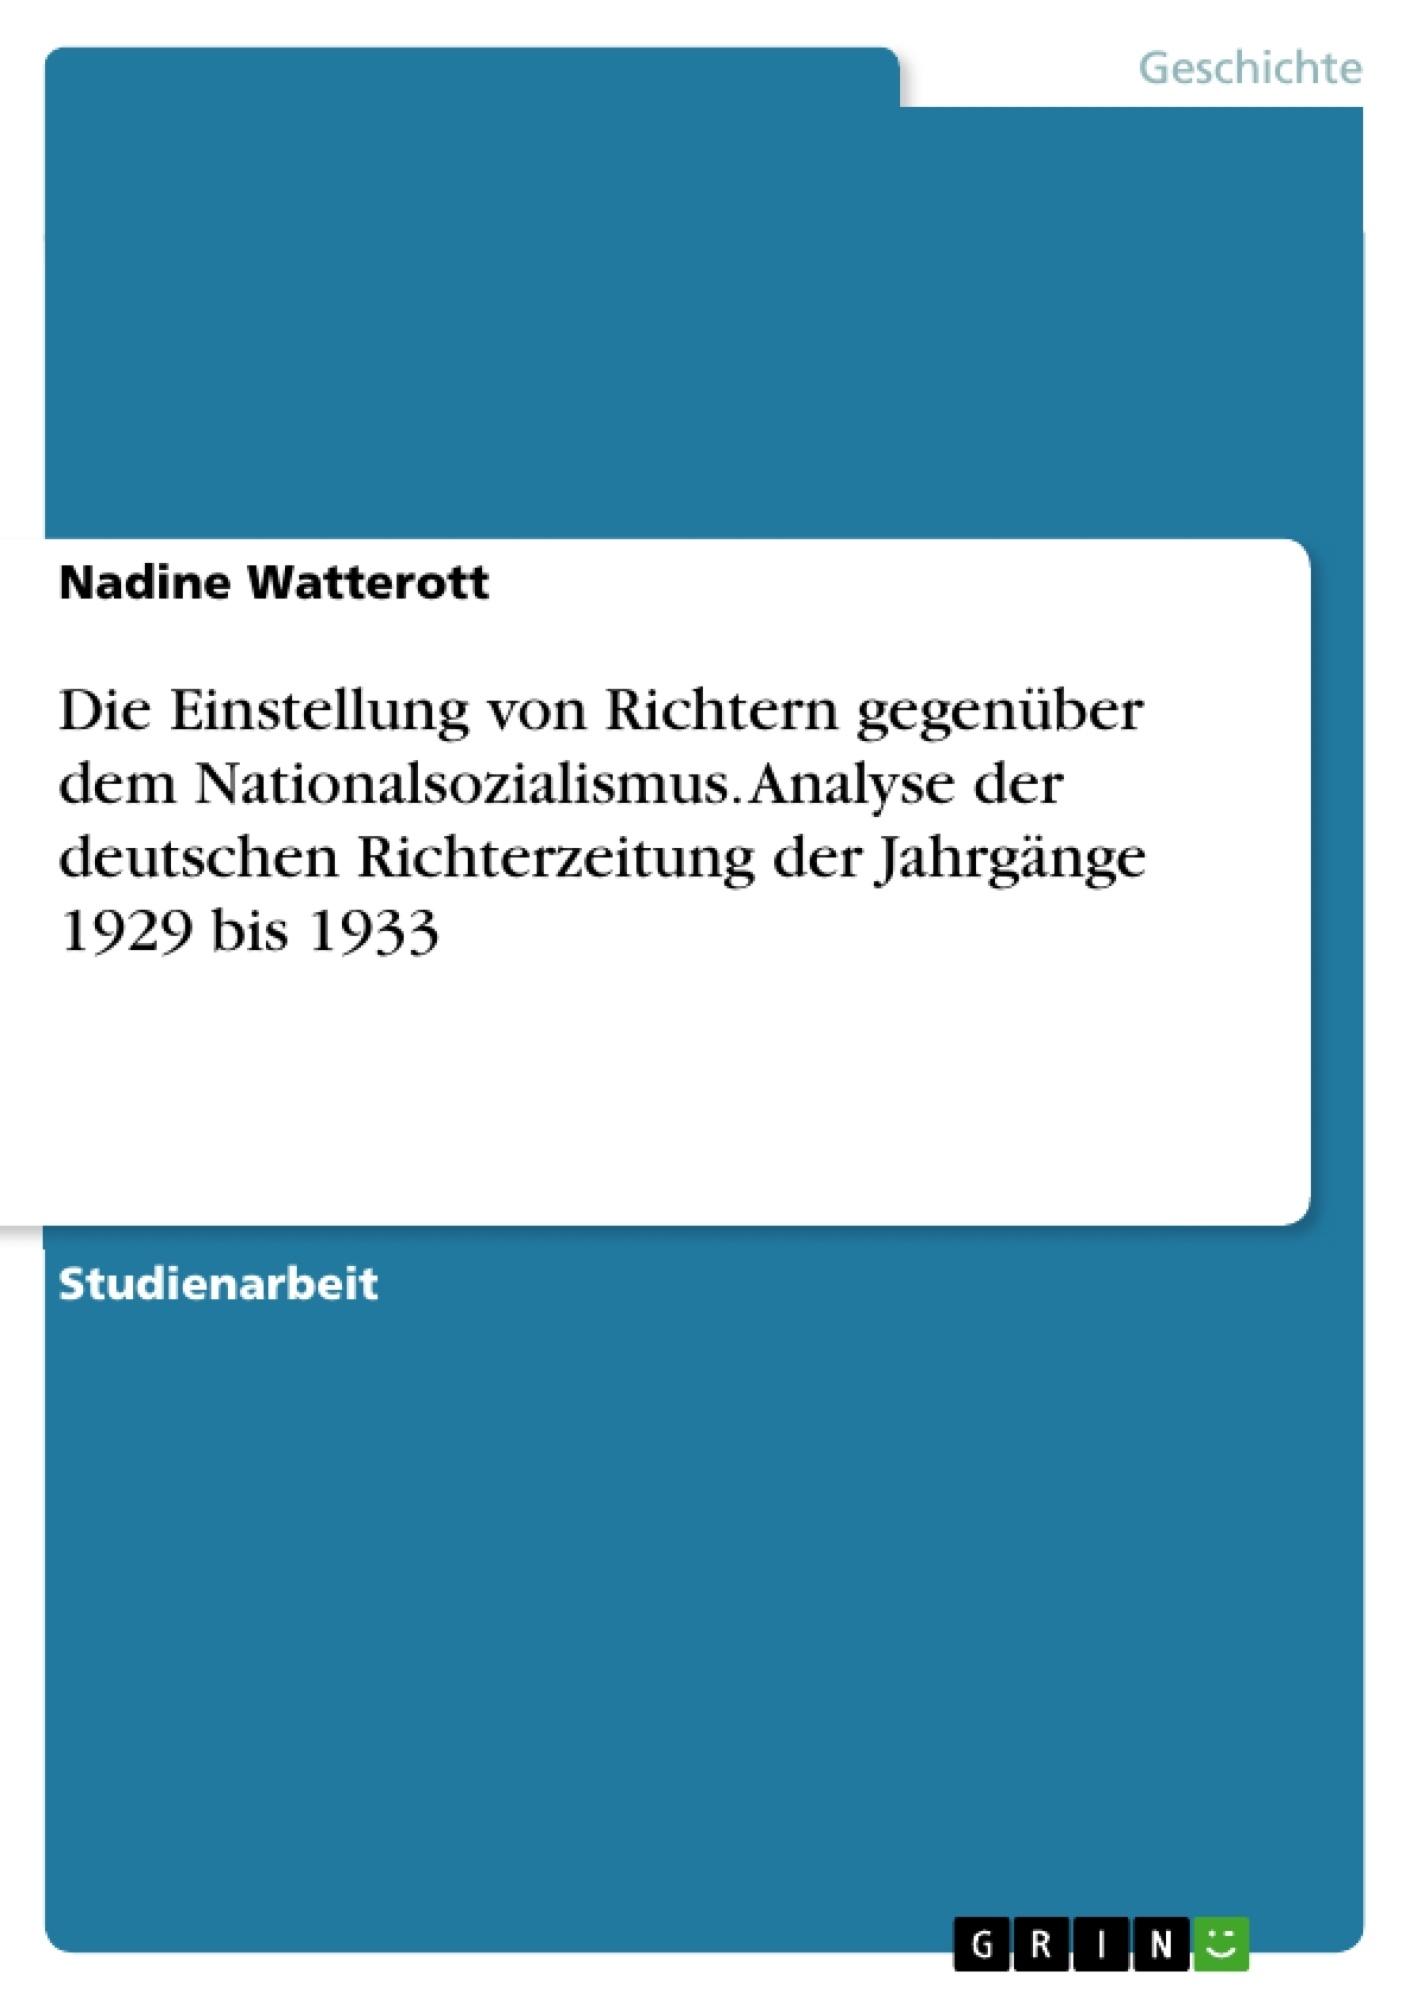 Titel: Die Einstellung von Richtern gegenüber dem Nationalsozialismus. Analyse der deutschen Richterzeitung der Jahrgänge 1929 bis 1933